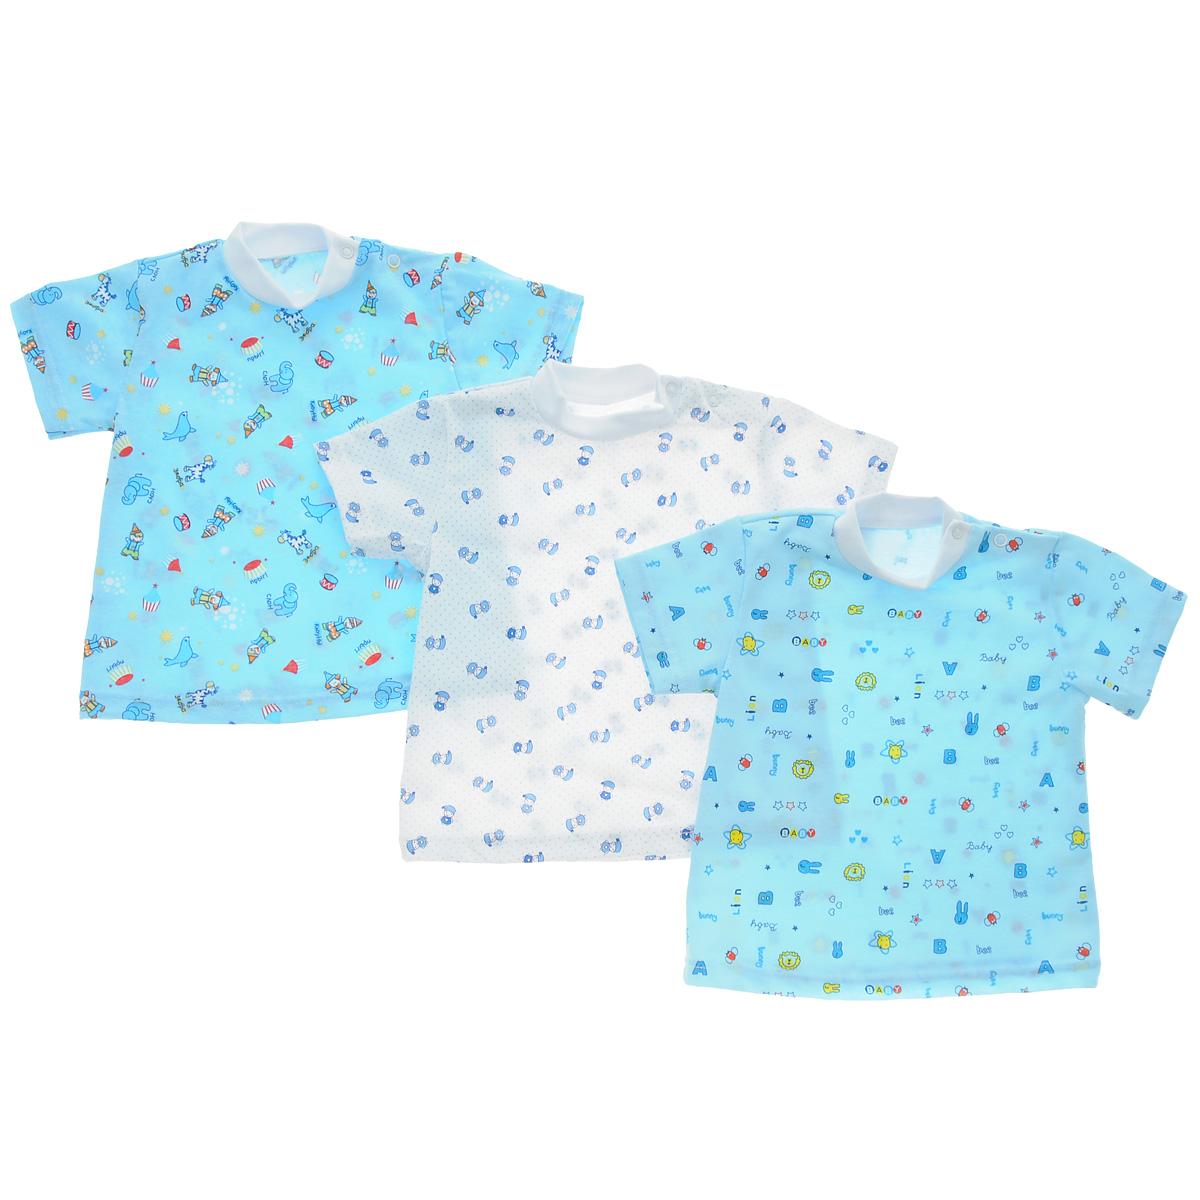 Футболка10-237мКомплект Фреш Стайл состоит из трех футболок для мальчика разных цветов с забавными рисунками. Выполненные из натурального хлопка, они необычайно мягкие и приятные на ощупь, не раздражают нежную кожу ребенка и хорошо вентилируются. Футболки с короткими рукавами и воротником-стойкой застегиваются на две застежки-кнопки по плечу, что помогает без проблем переодет малыша. Оригинальное сочетание тканей и забавный рисунок делают этот предмет детской одежды оригинальным и стильным. УВАЖАЕМЫЕ КЛИЕНТЫ! Обращаем ваше внимание на возможные изменения в дизайне, связанные с ассортиментом продукции: рисунок и цветовая гамма могут отличаться от представленного на изображении. Возможные варианты рисунков и цветов представлены на отдельном изображении фрагментом ткани.